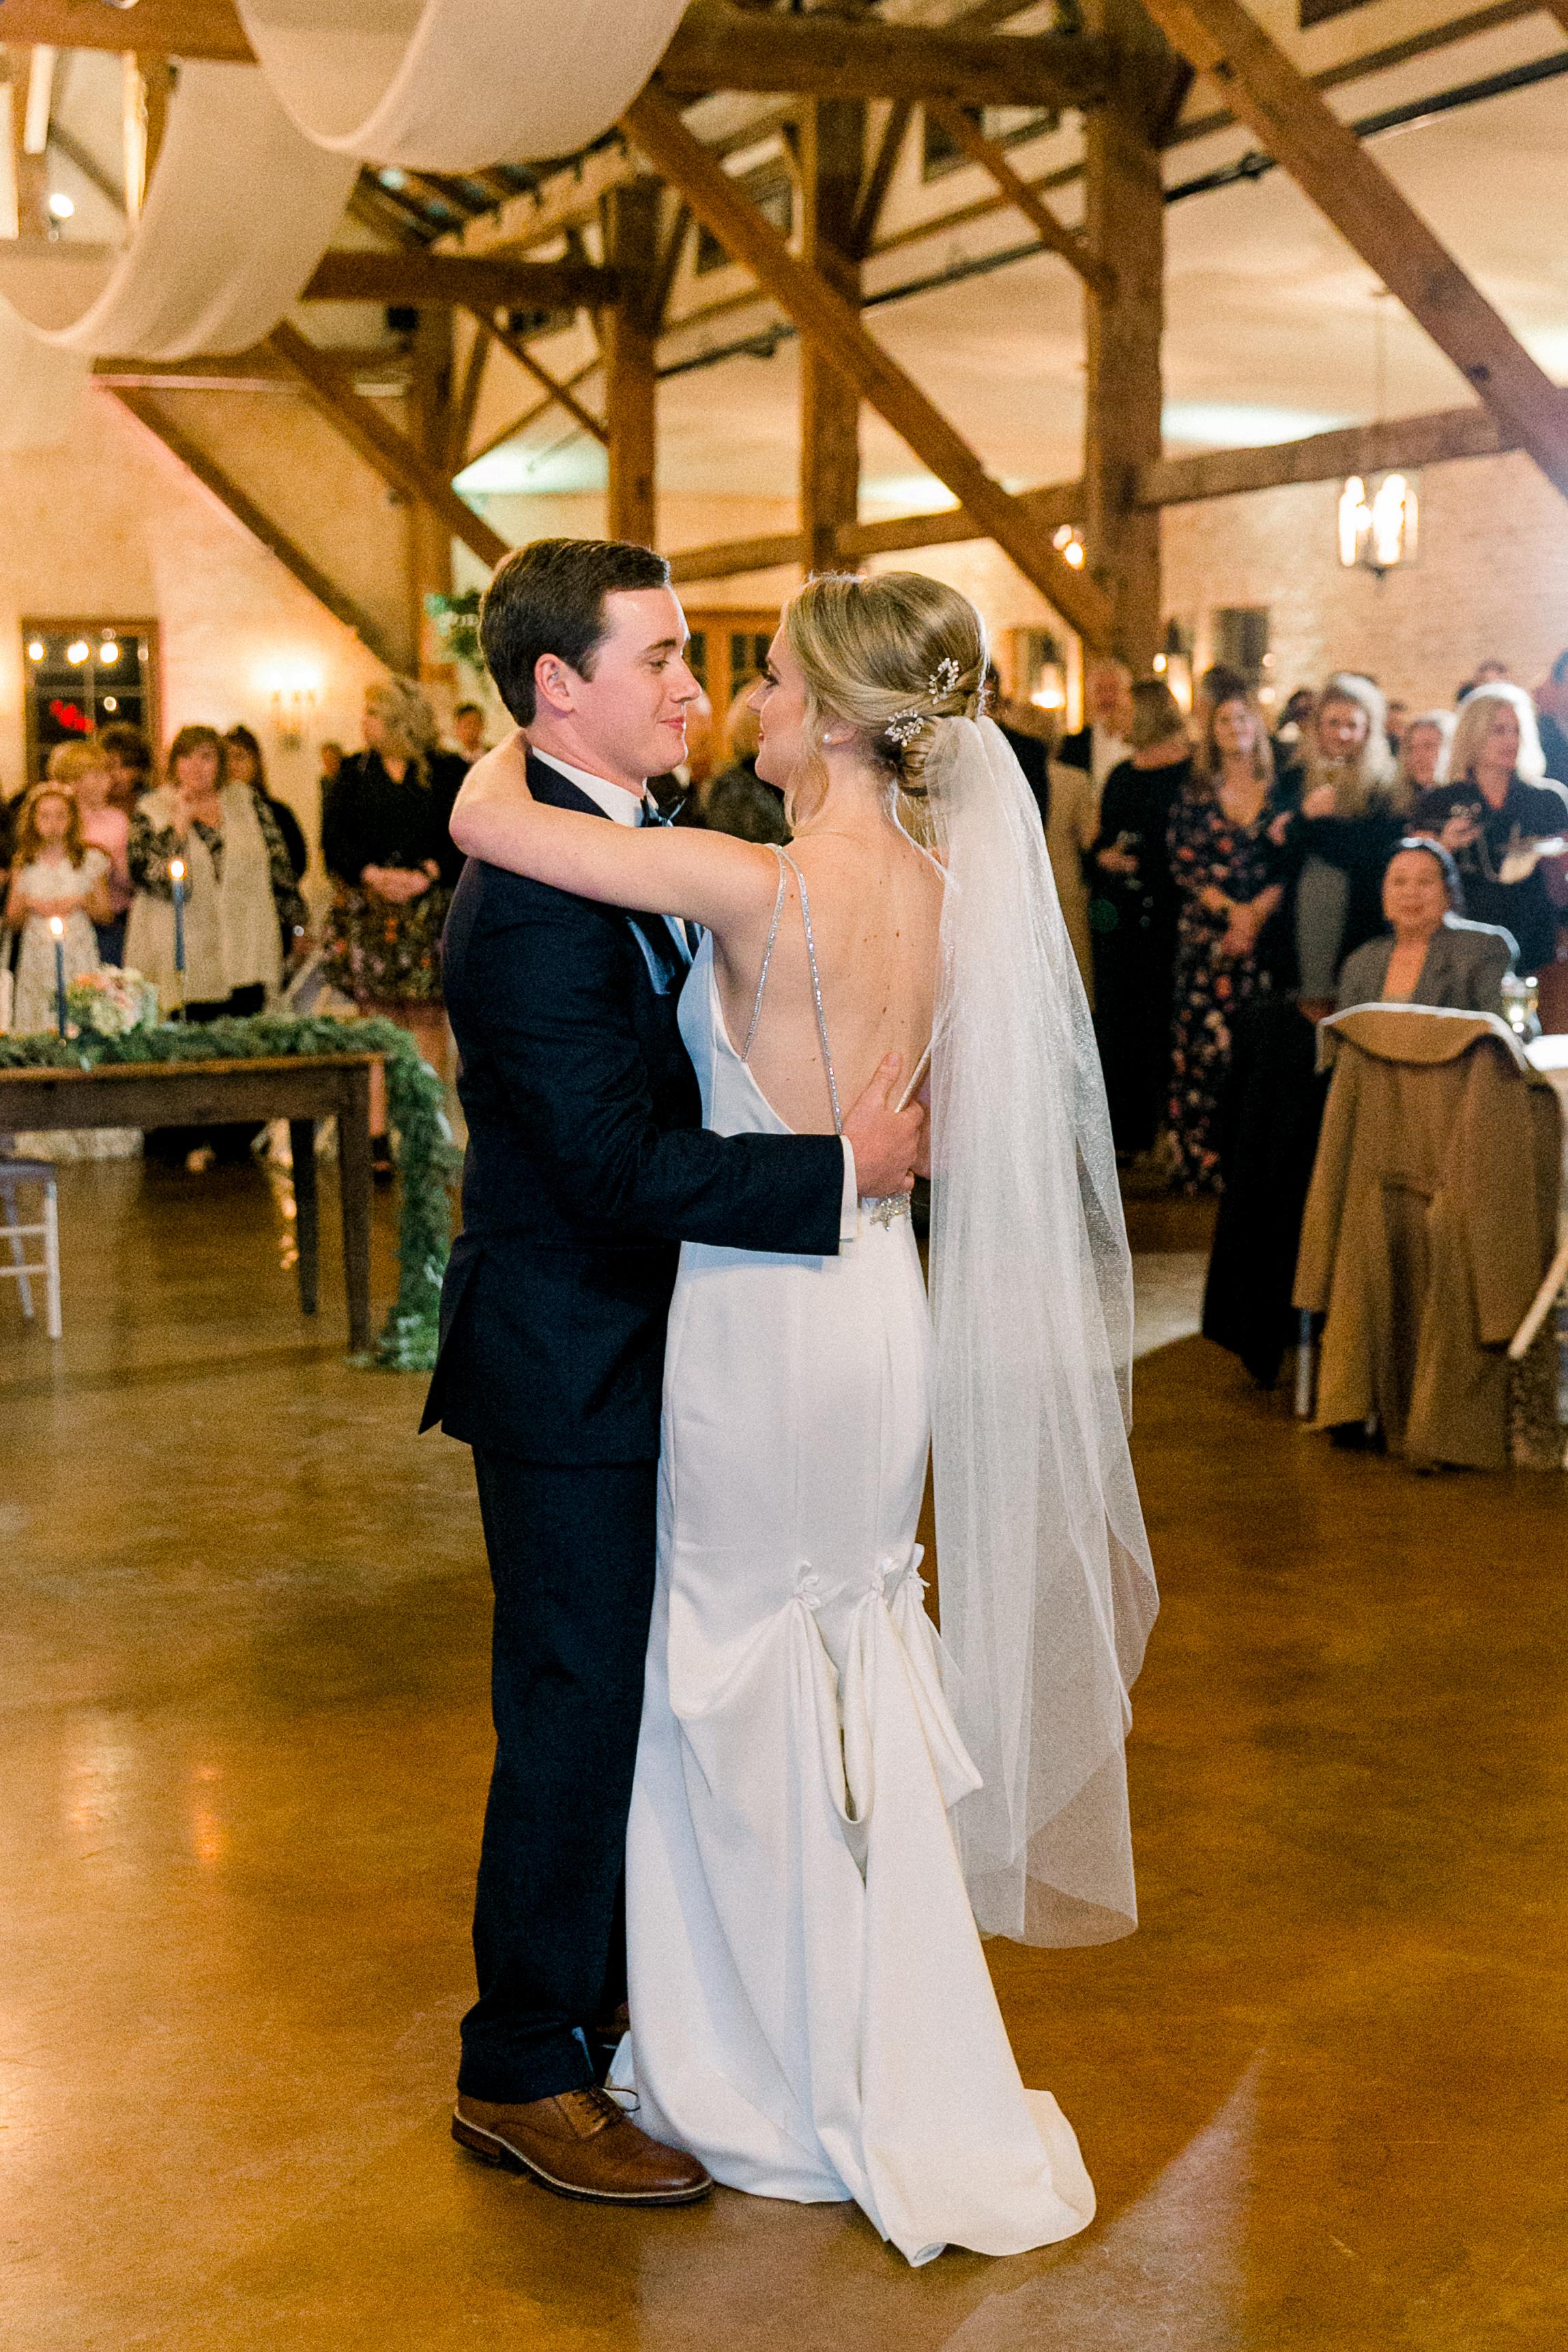 576_Rachel & Drew Wedding__Recptn_Lindsay Ott Photog_2018.jpg